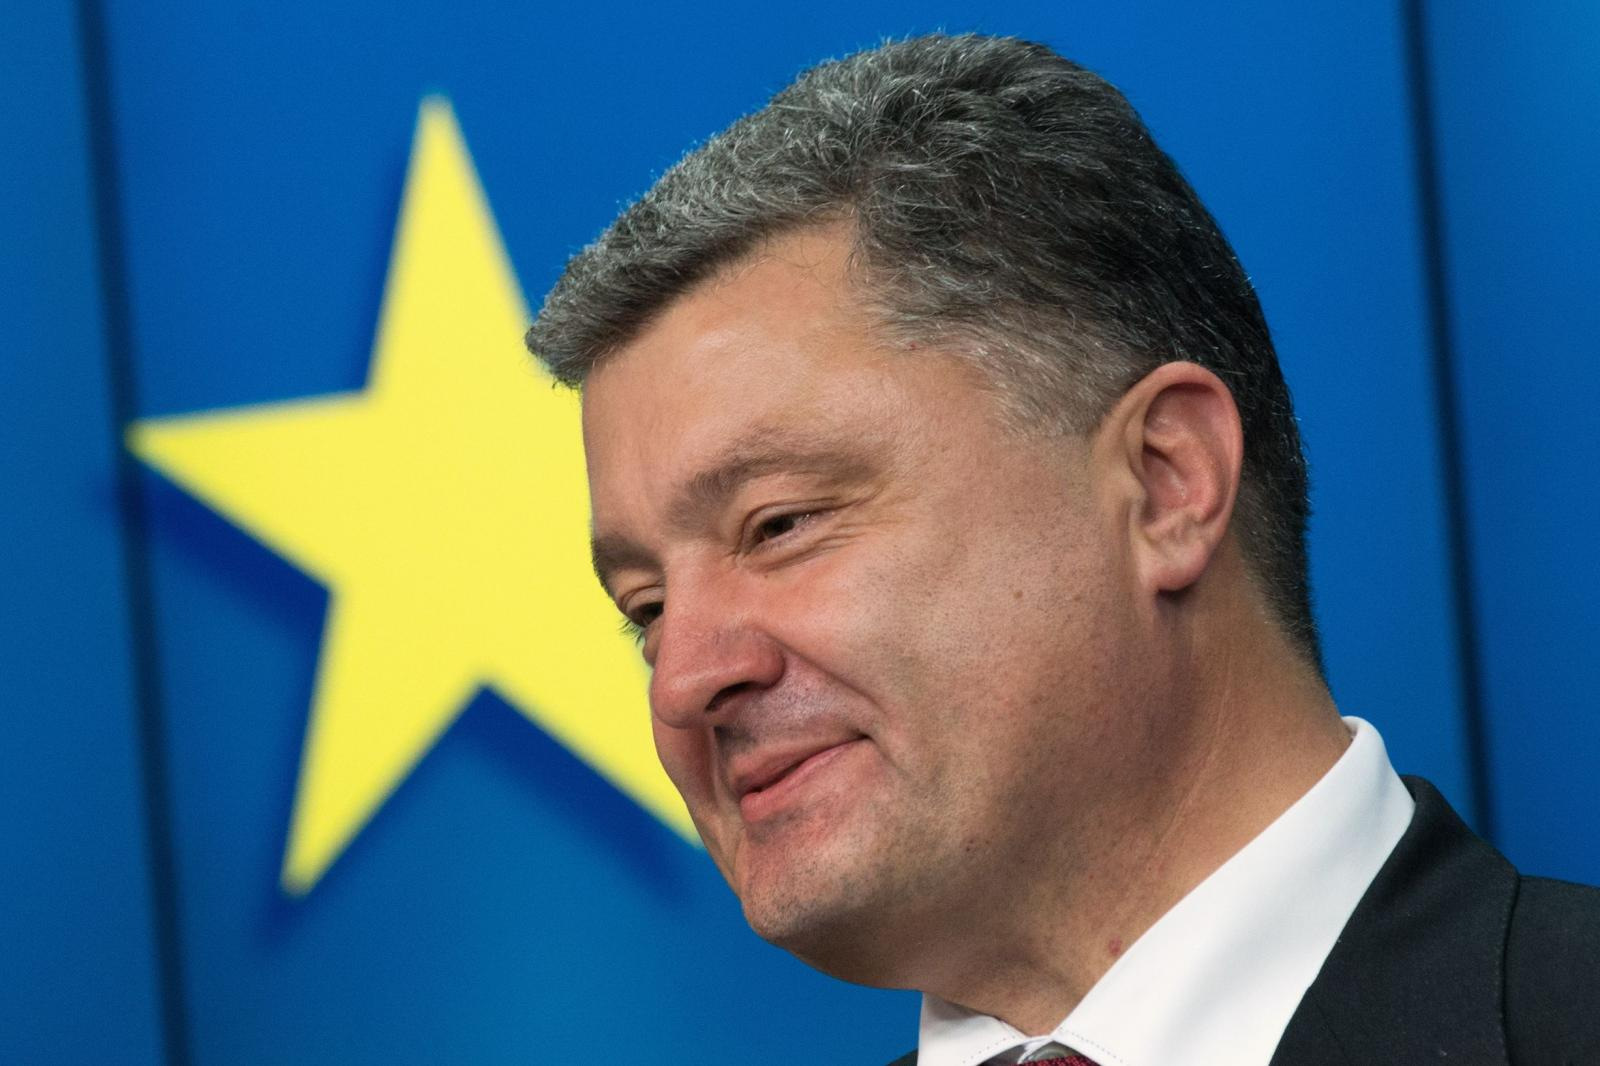 СМИ узнали о планах Порошенко в случае проигрыша на выборах